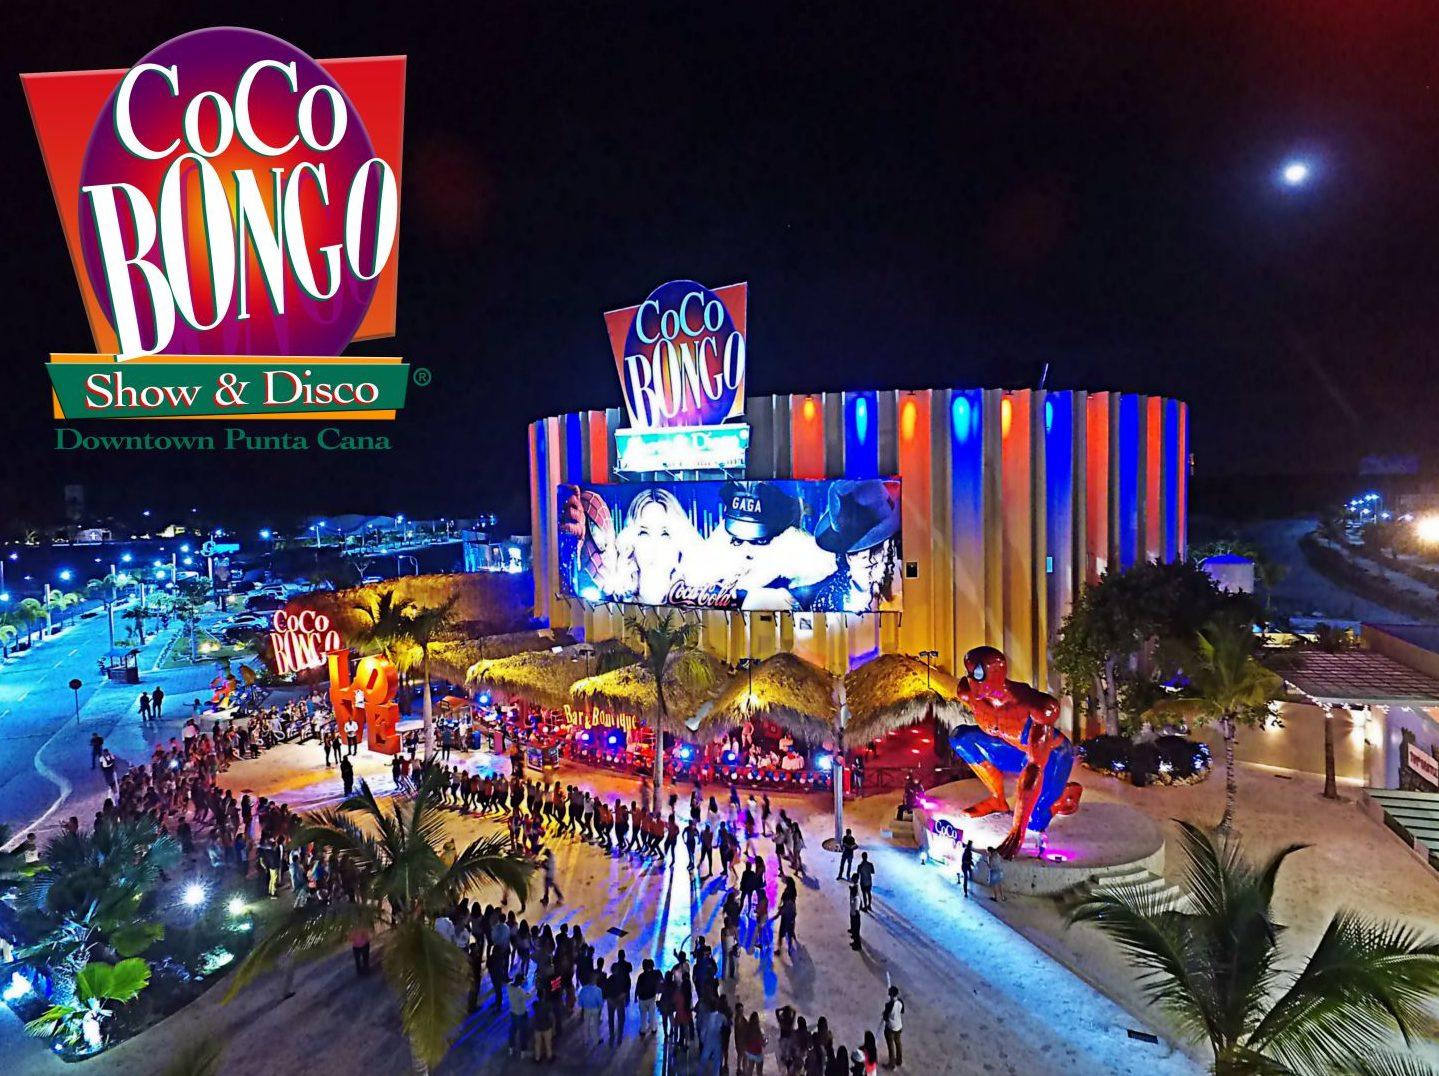 Coco Bongo Dominicana Punta Cana iDominicna